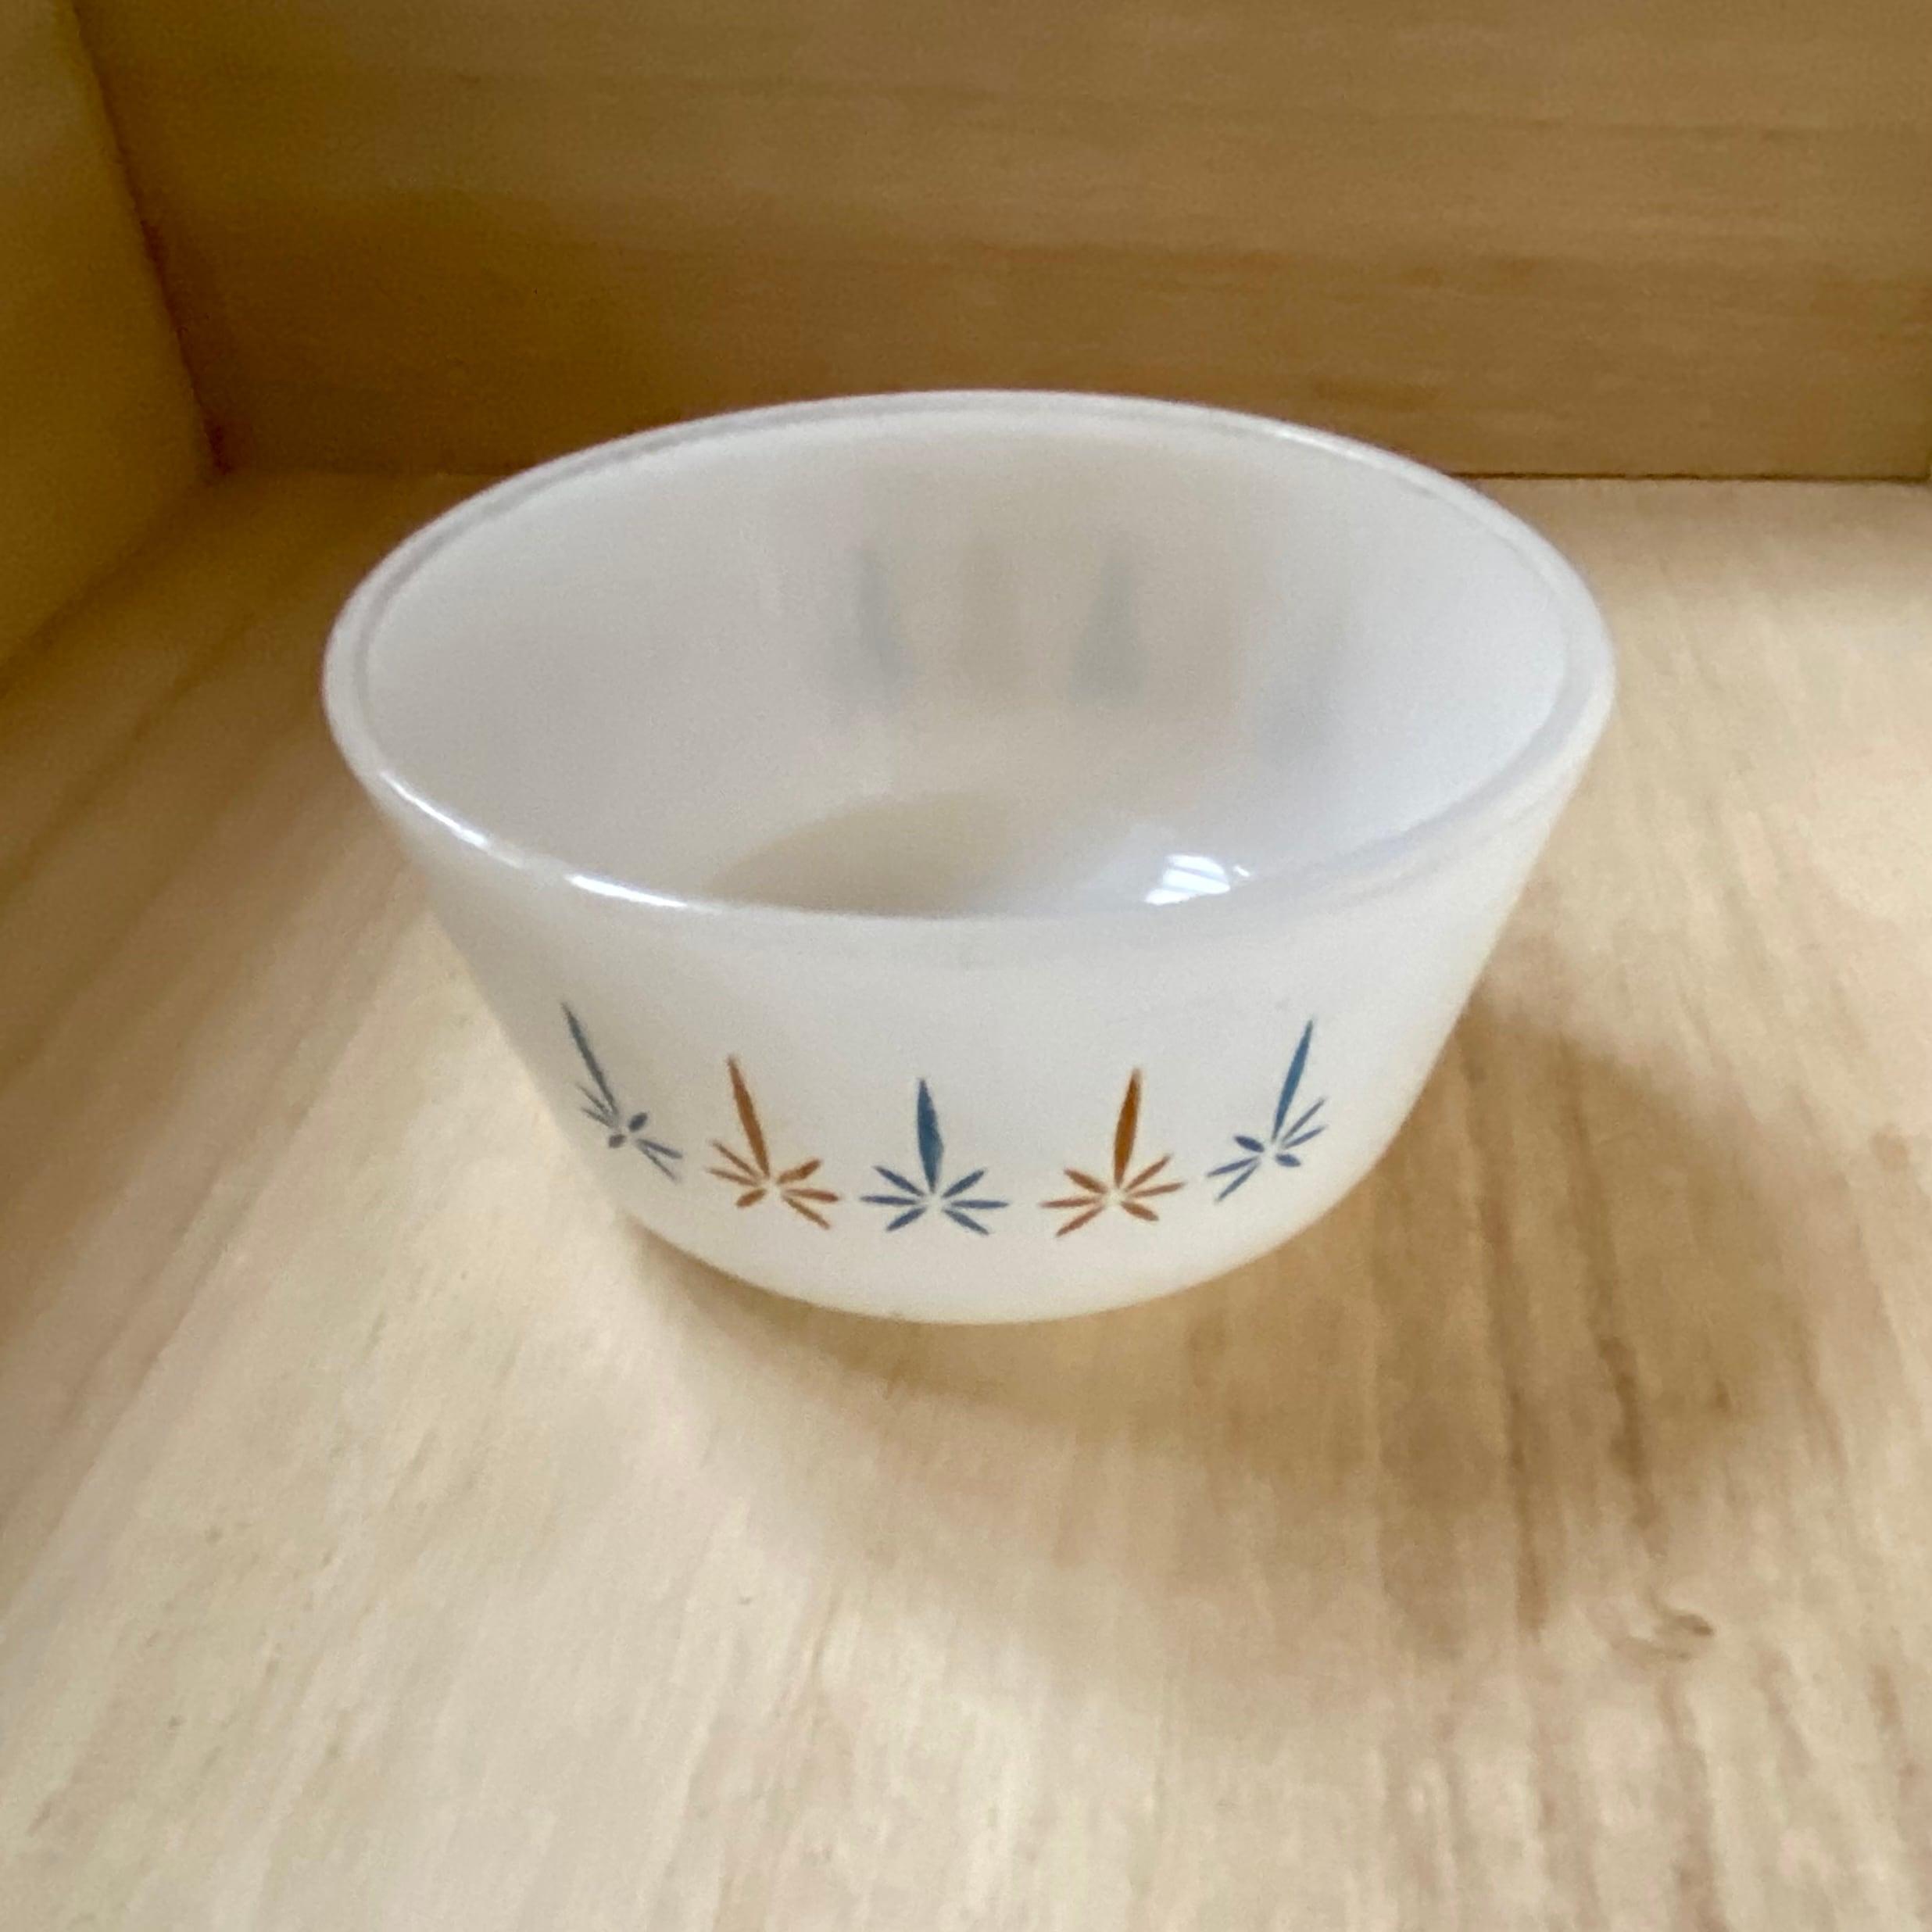 """60年代""""Fire King""""ファイヤーキング スモール カップ ヴィンテージ食器 アメリカ製  60's  Usa Vintage Tableware Small Cups"""